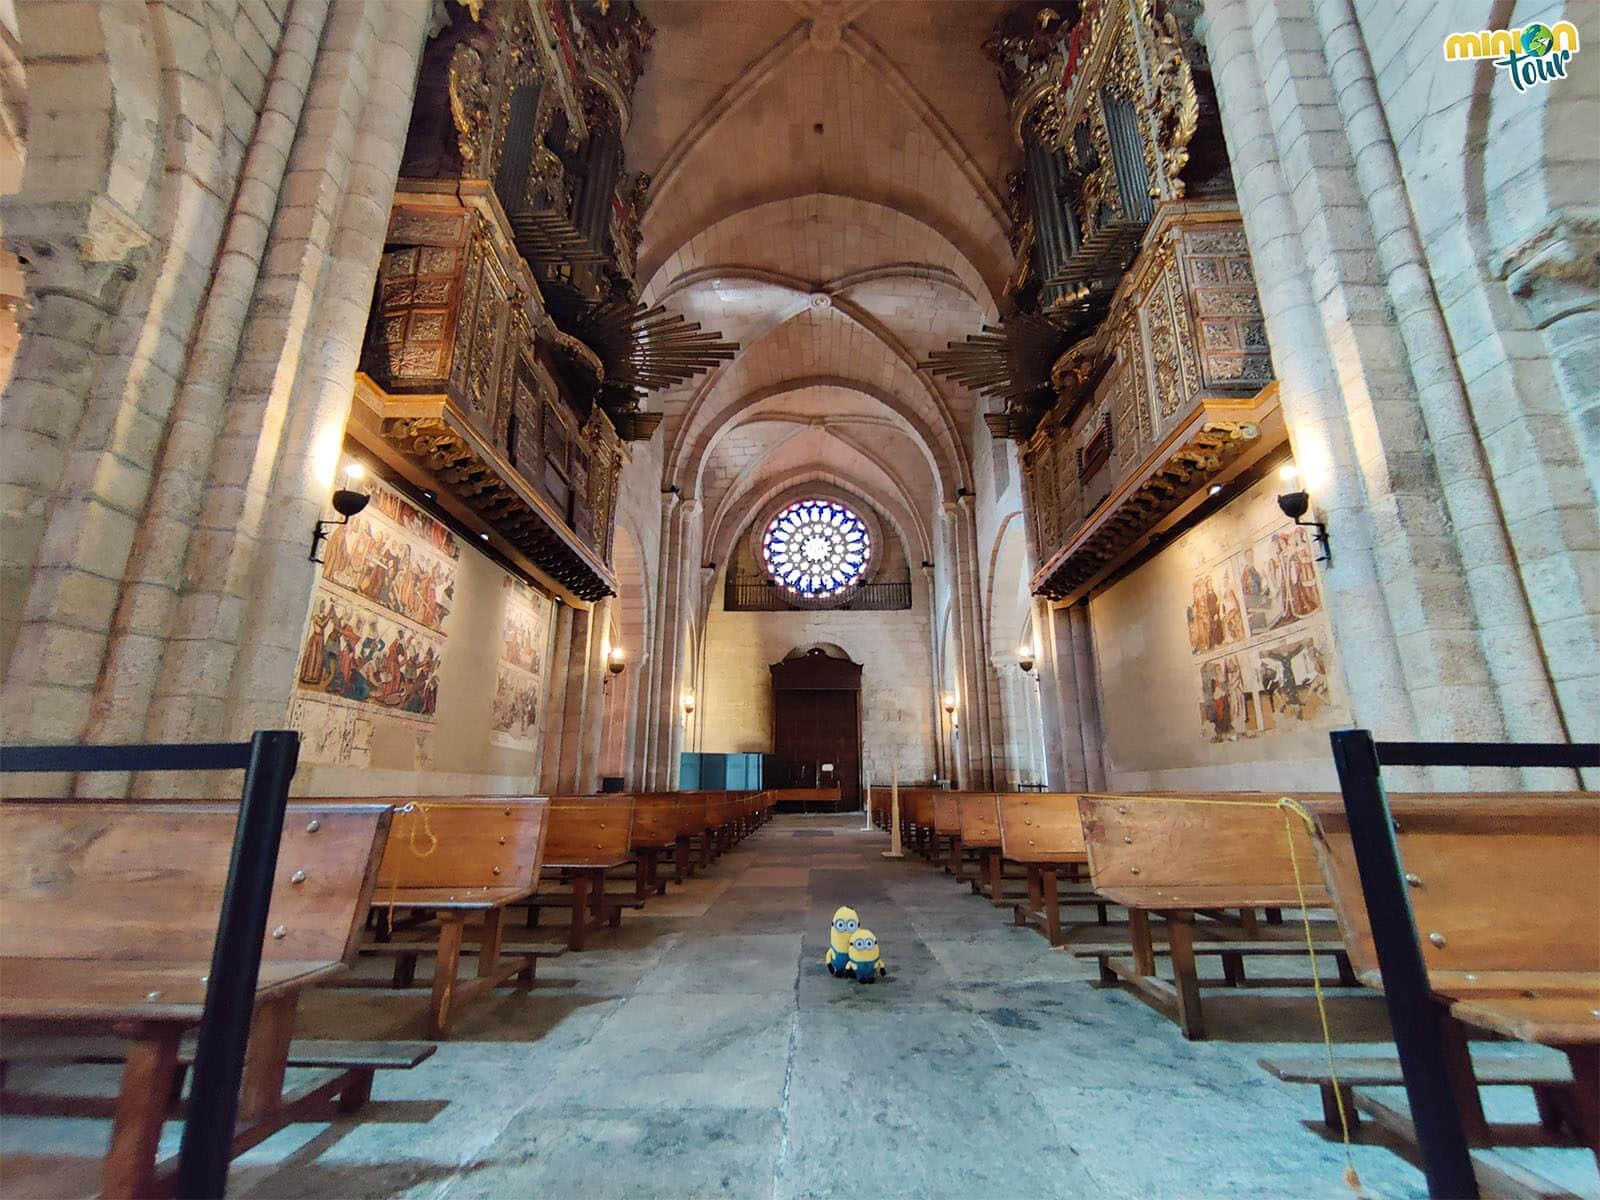 Interior de la Catedral de Mondoñedo con el rosetón al fondo